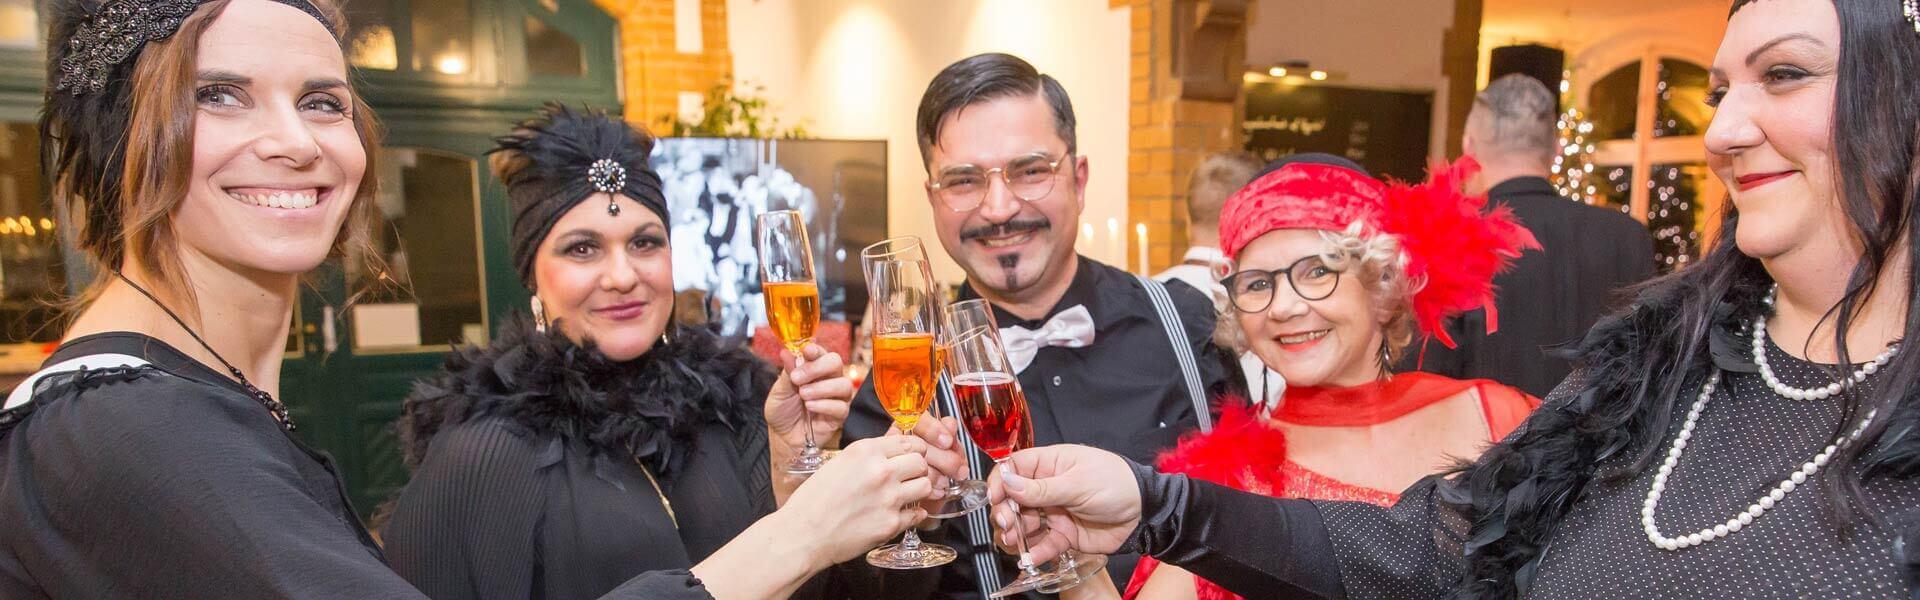 Firmen Motto Weihnachtsfeier im Golden Gatsby Stil b-ceed events